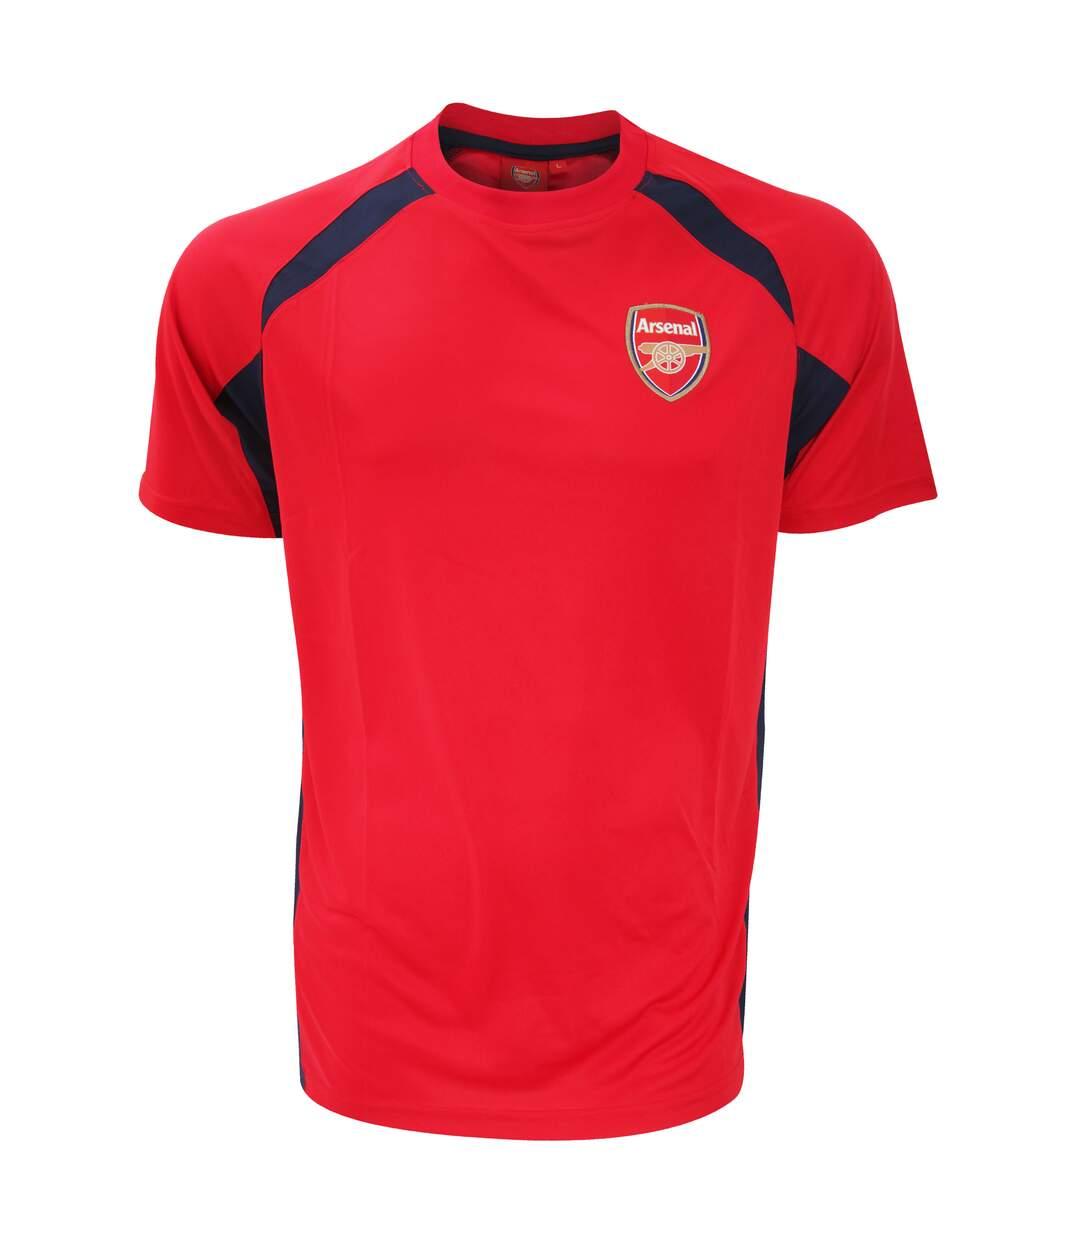 Arsenal FC - T-shirt de sport officiel - Homme (Rouge/Noir) - UTSG2678